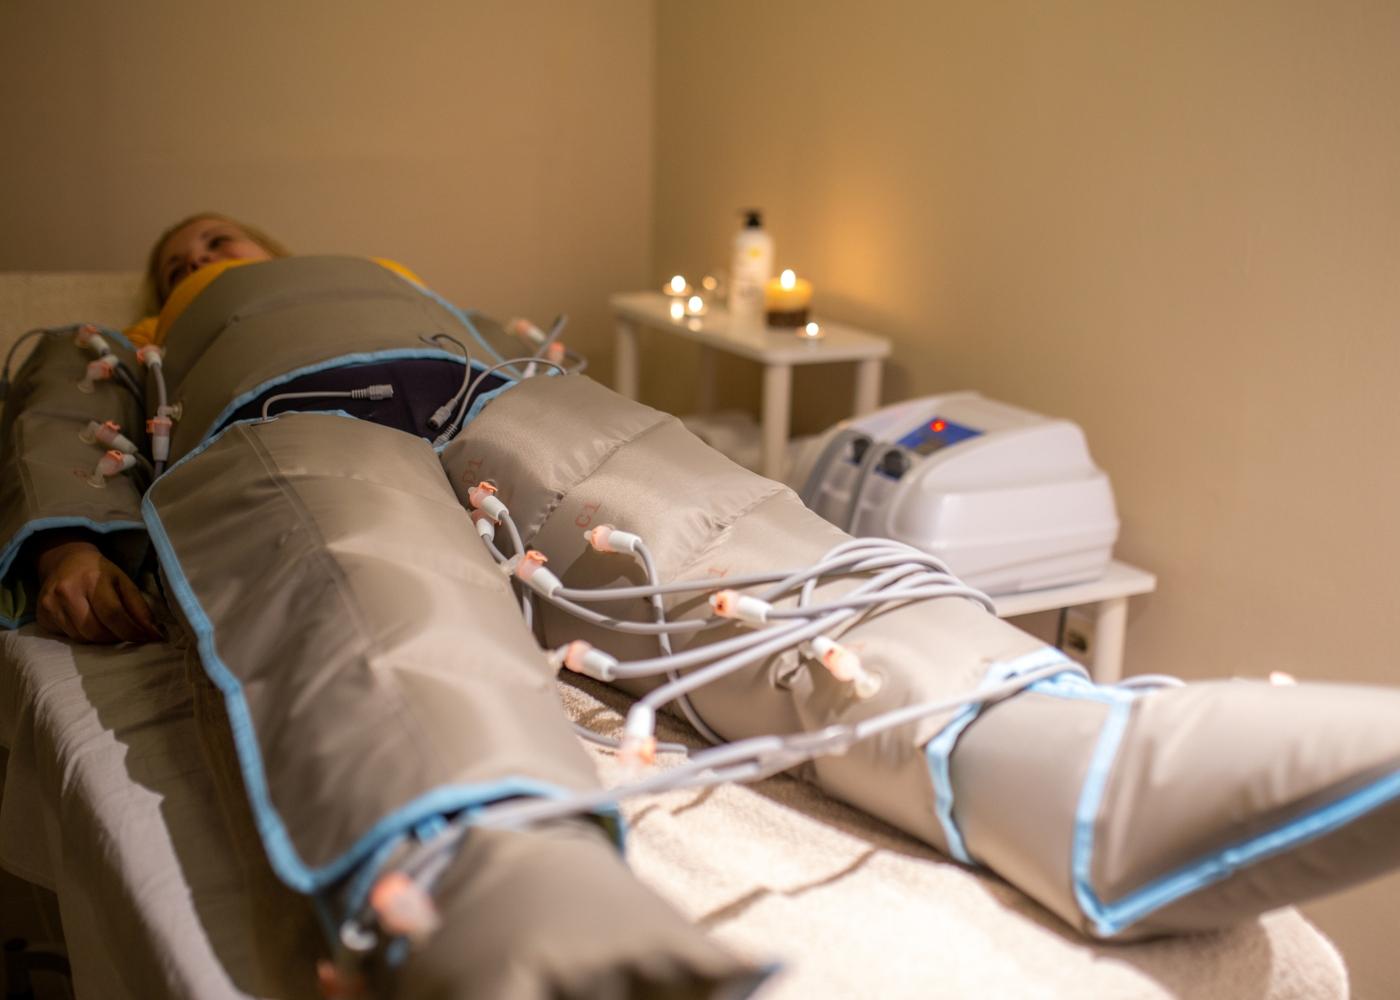 Mulher numa sessão de tratamento de pressoterapia